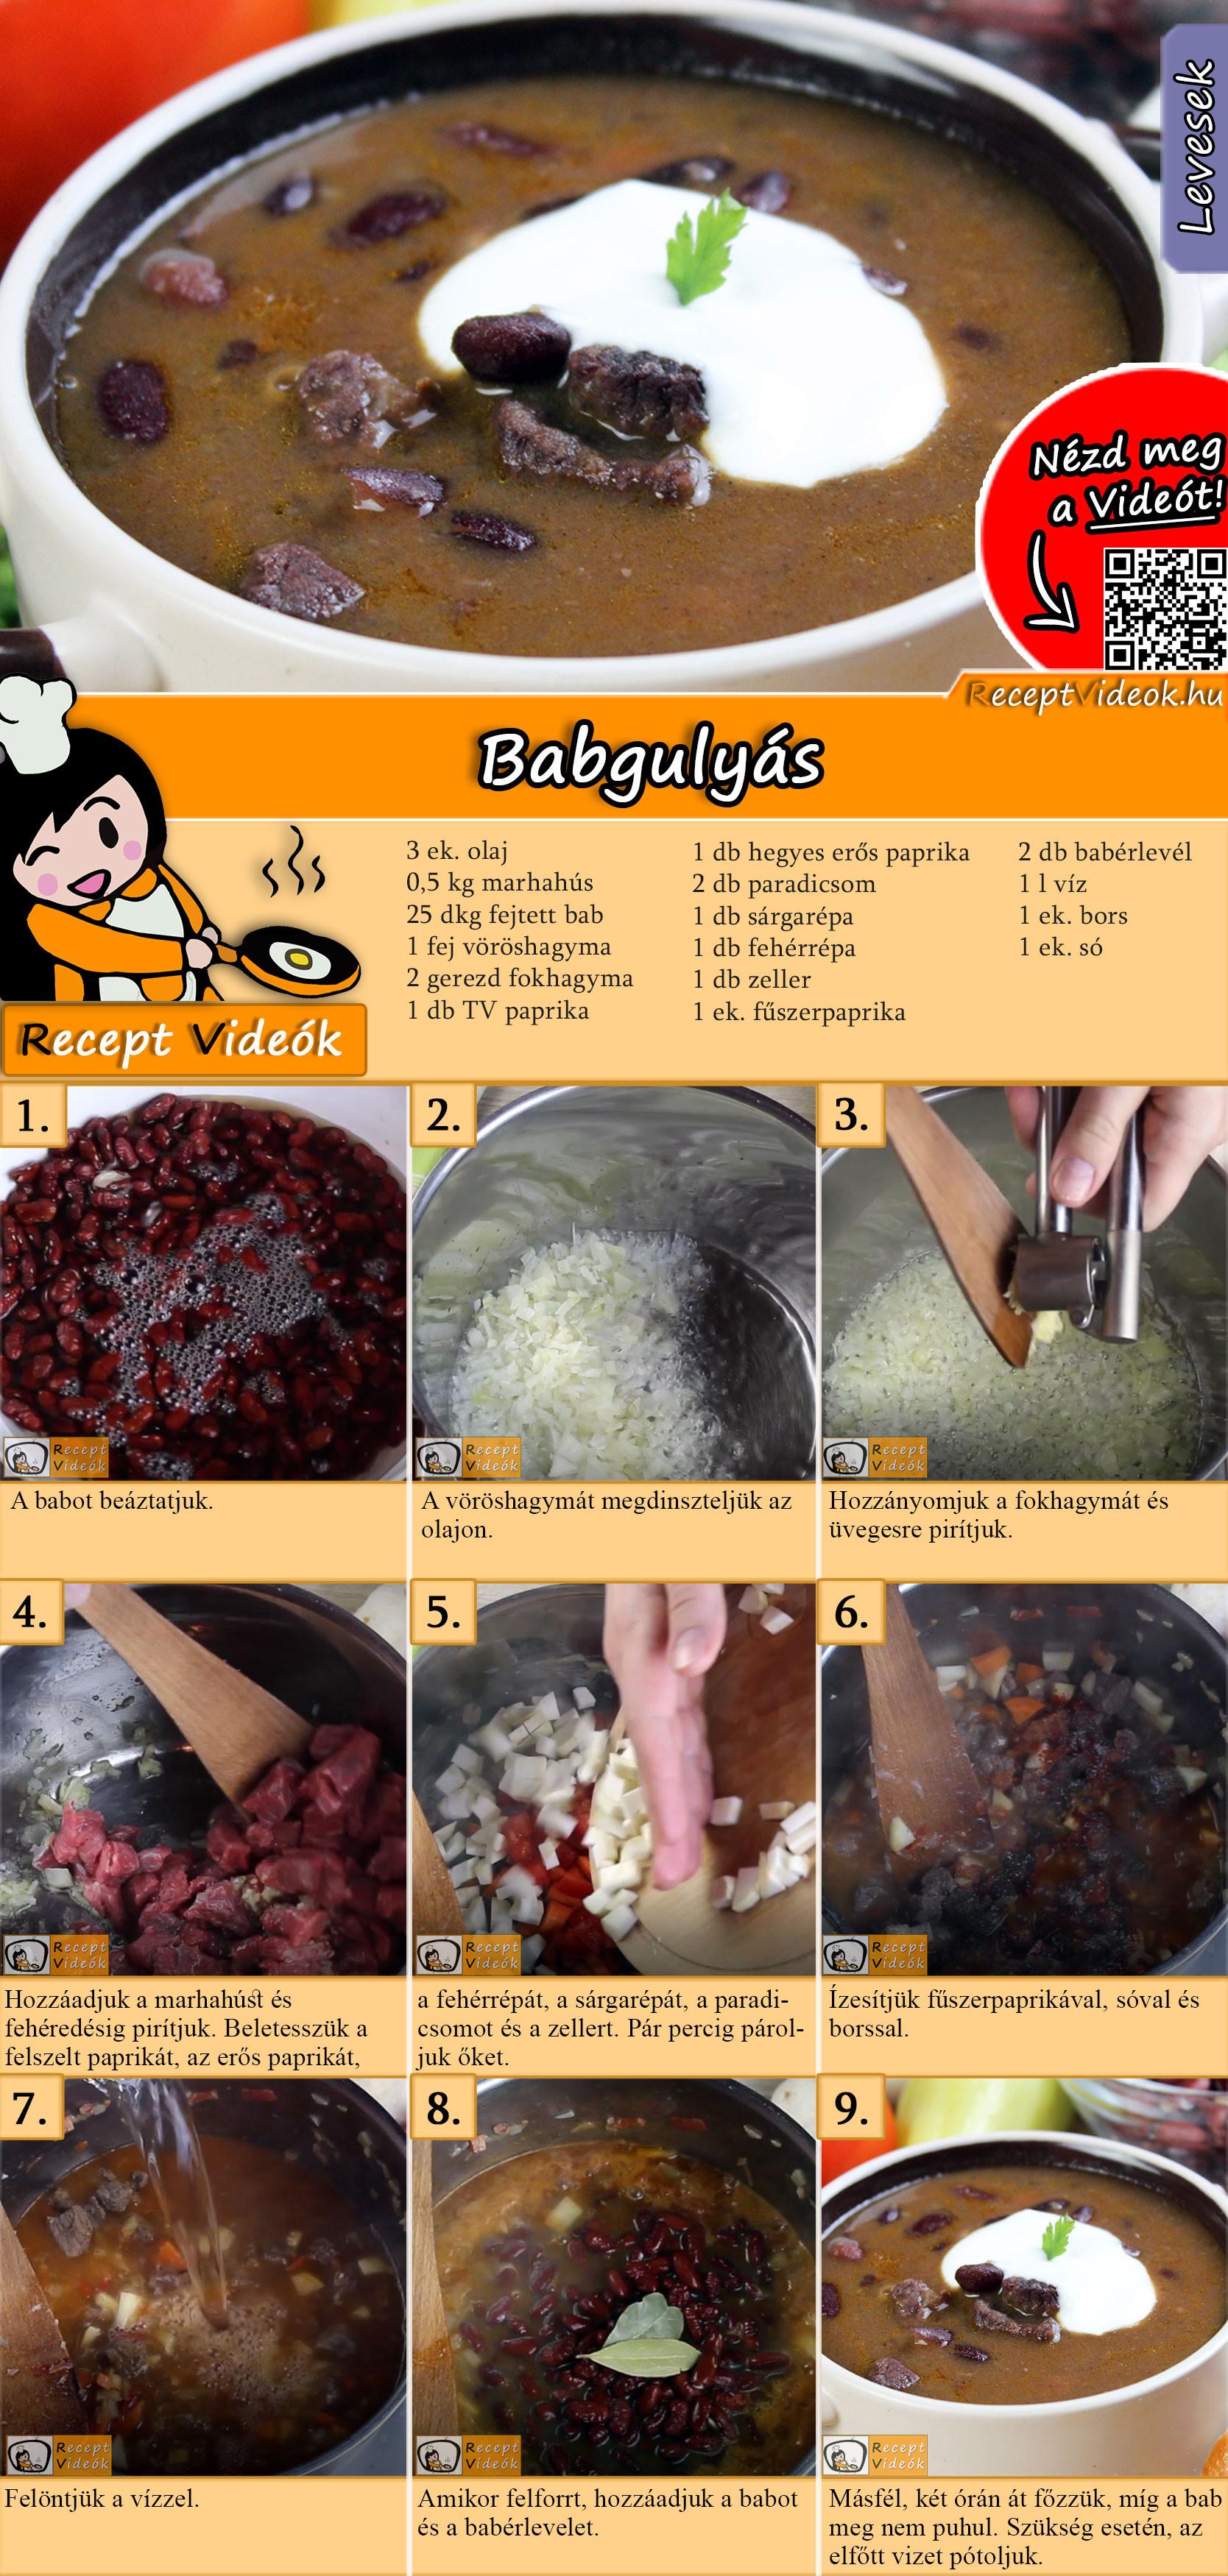 Babgulyás recept elkészítése videóval